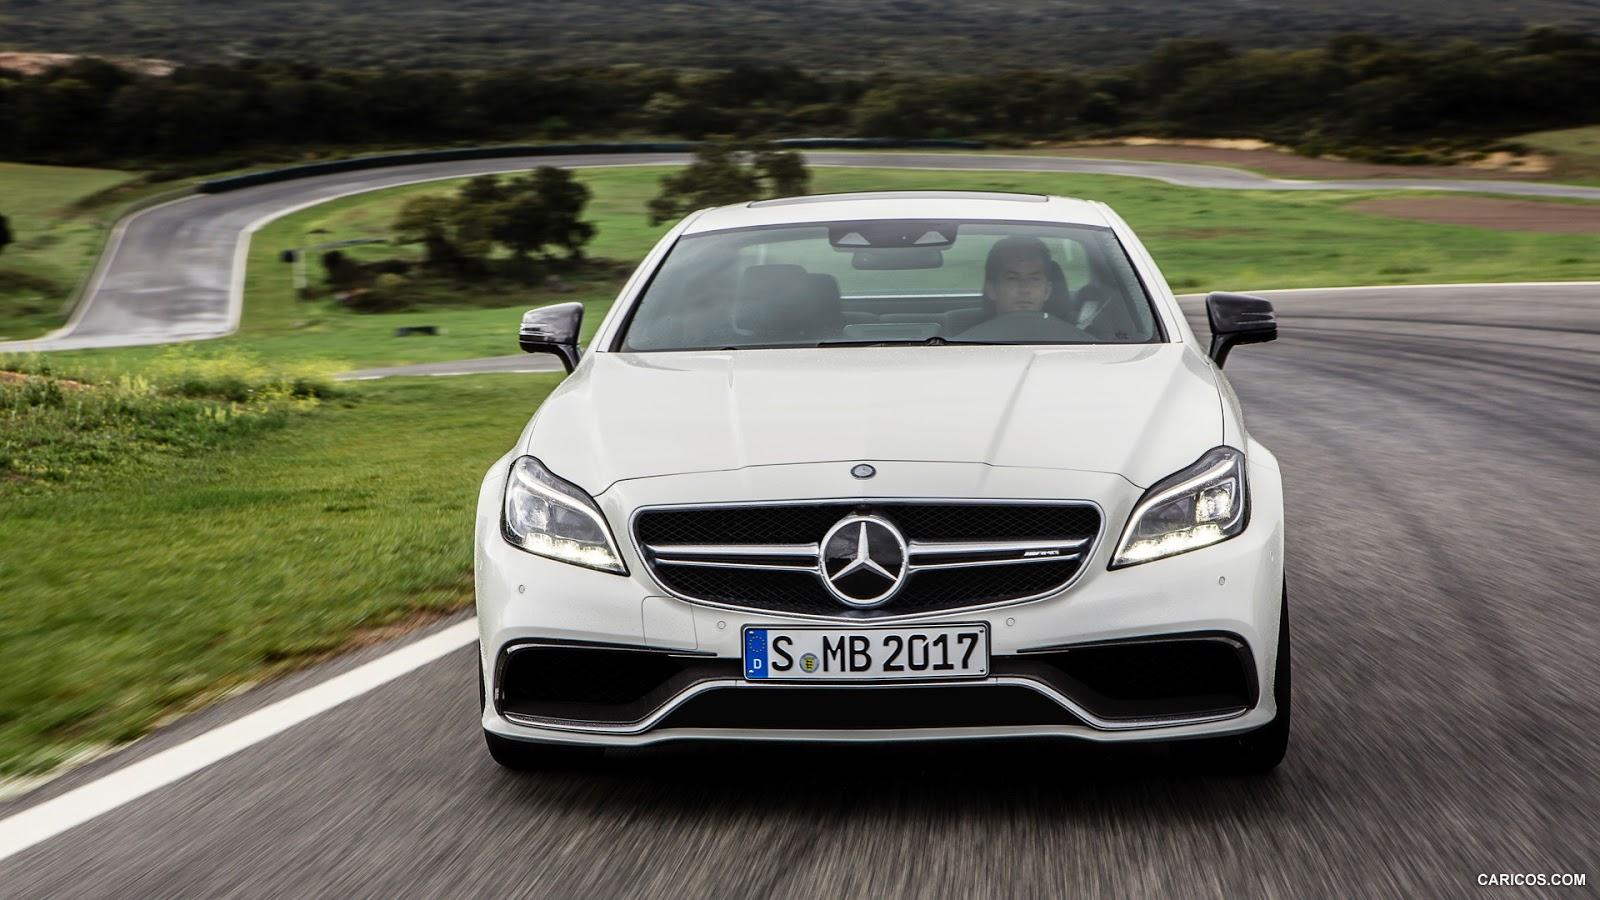 All Types cls mercedes 2015 : Canada Autocar: 2015 Mercedes-Benz CLS 350 AMG Line Specs ...